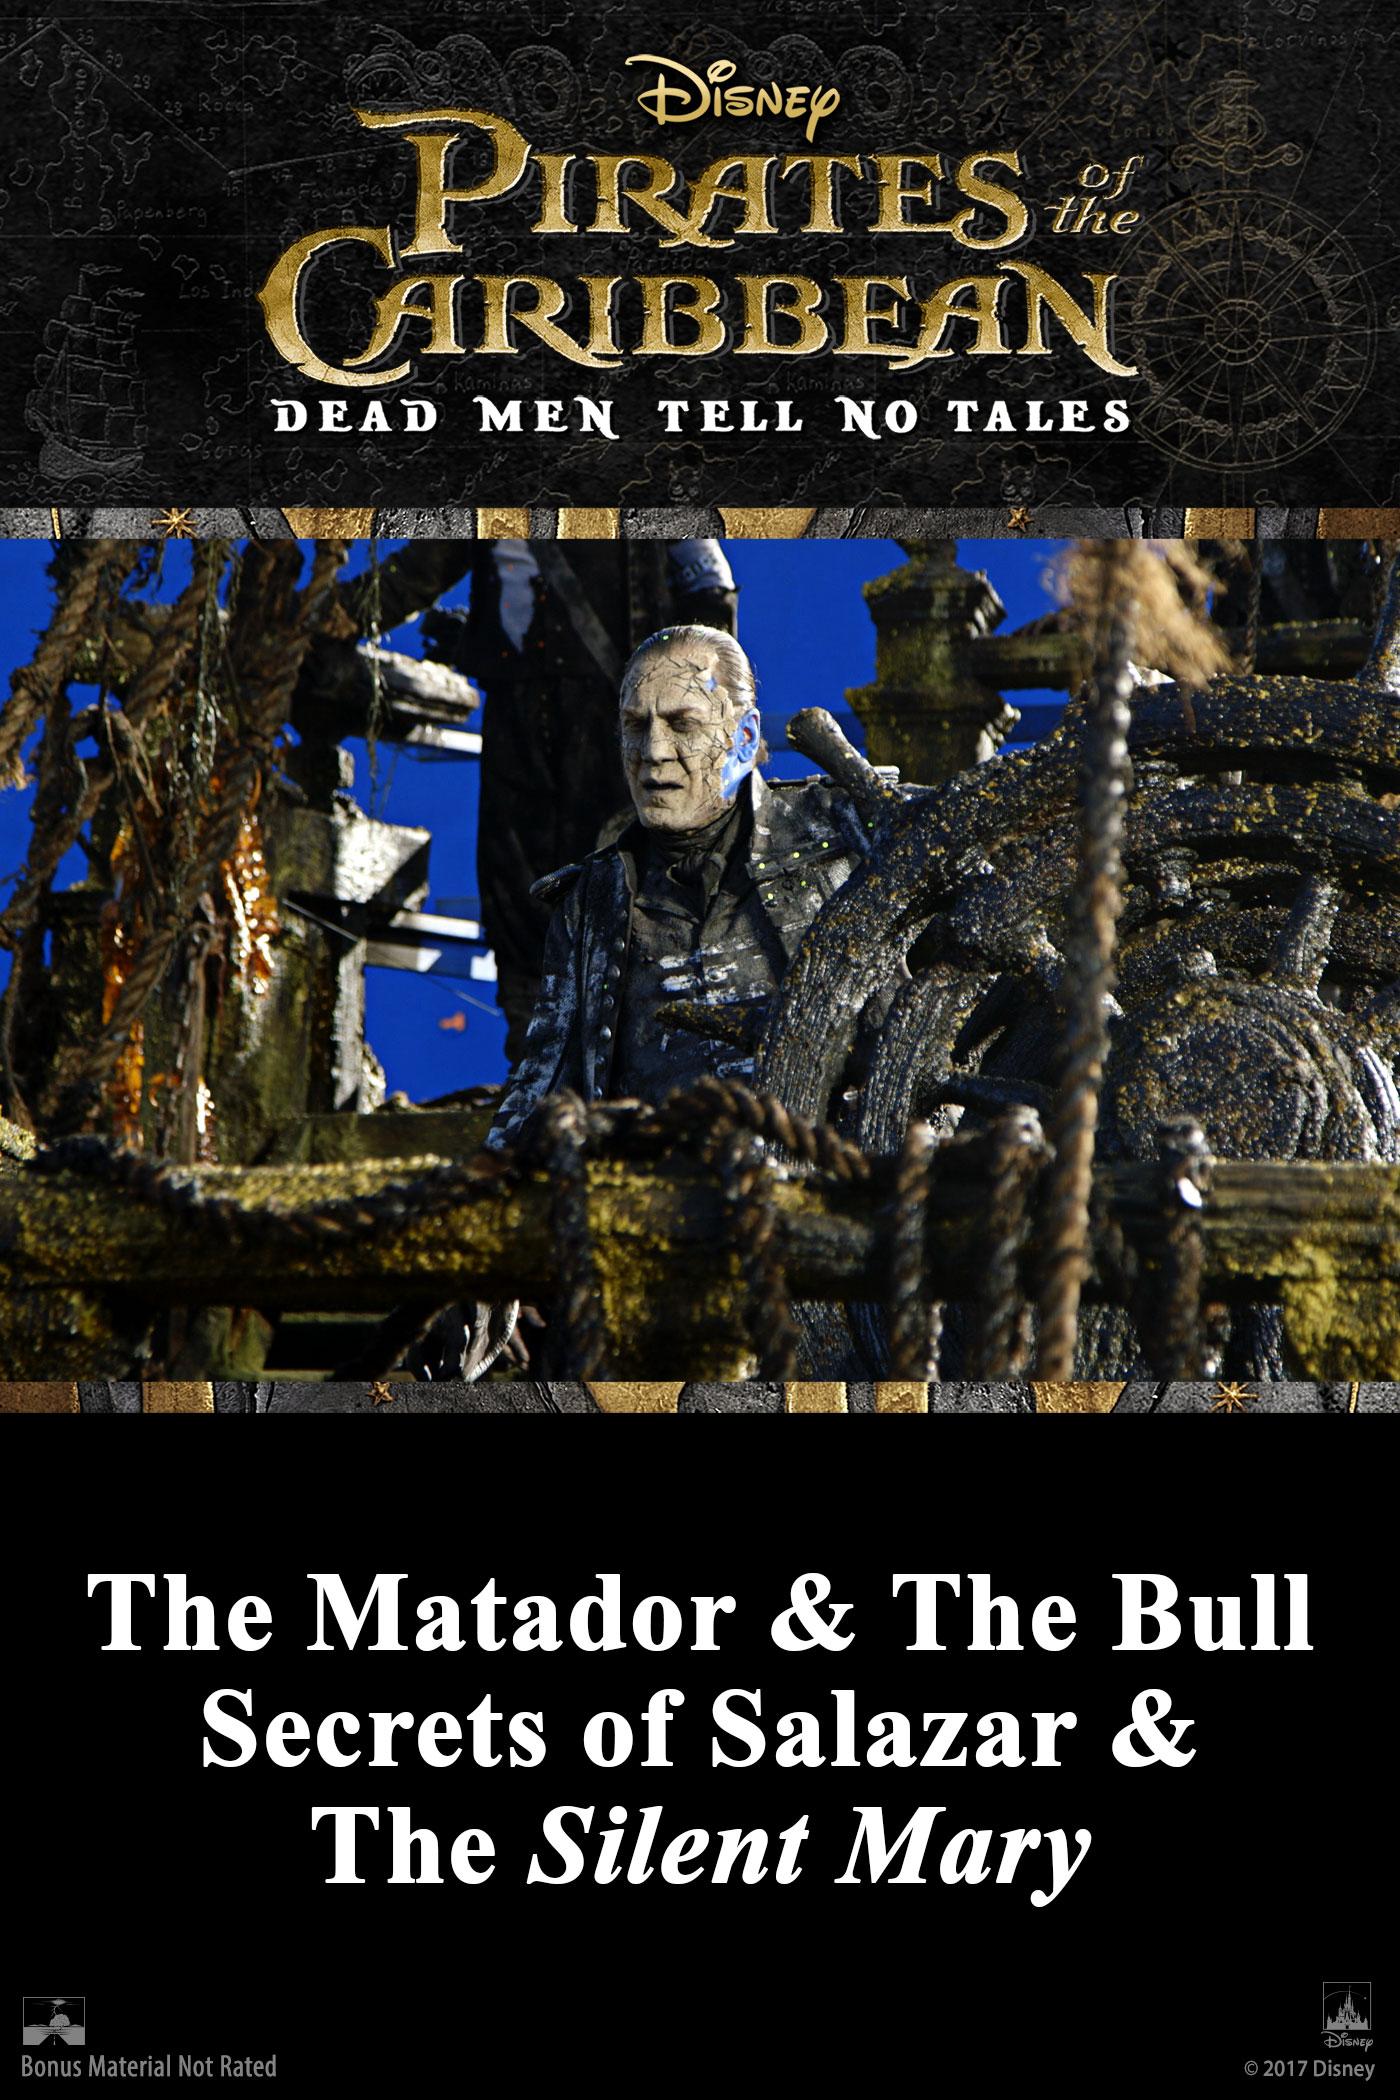 The Matador & The Bull: Secrets of Salazar & The Silent Mary